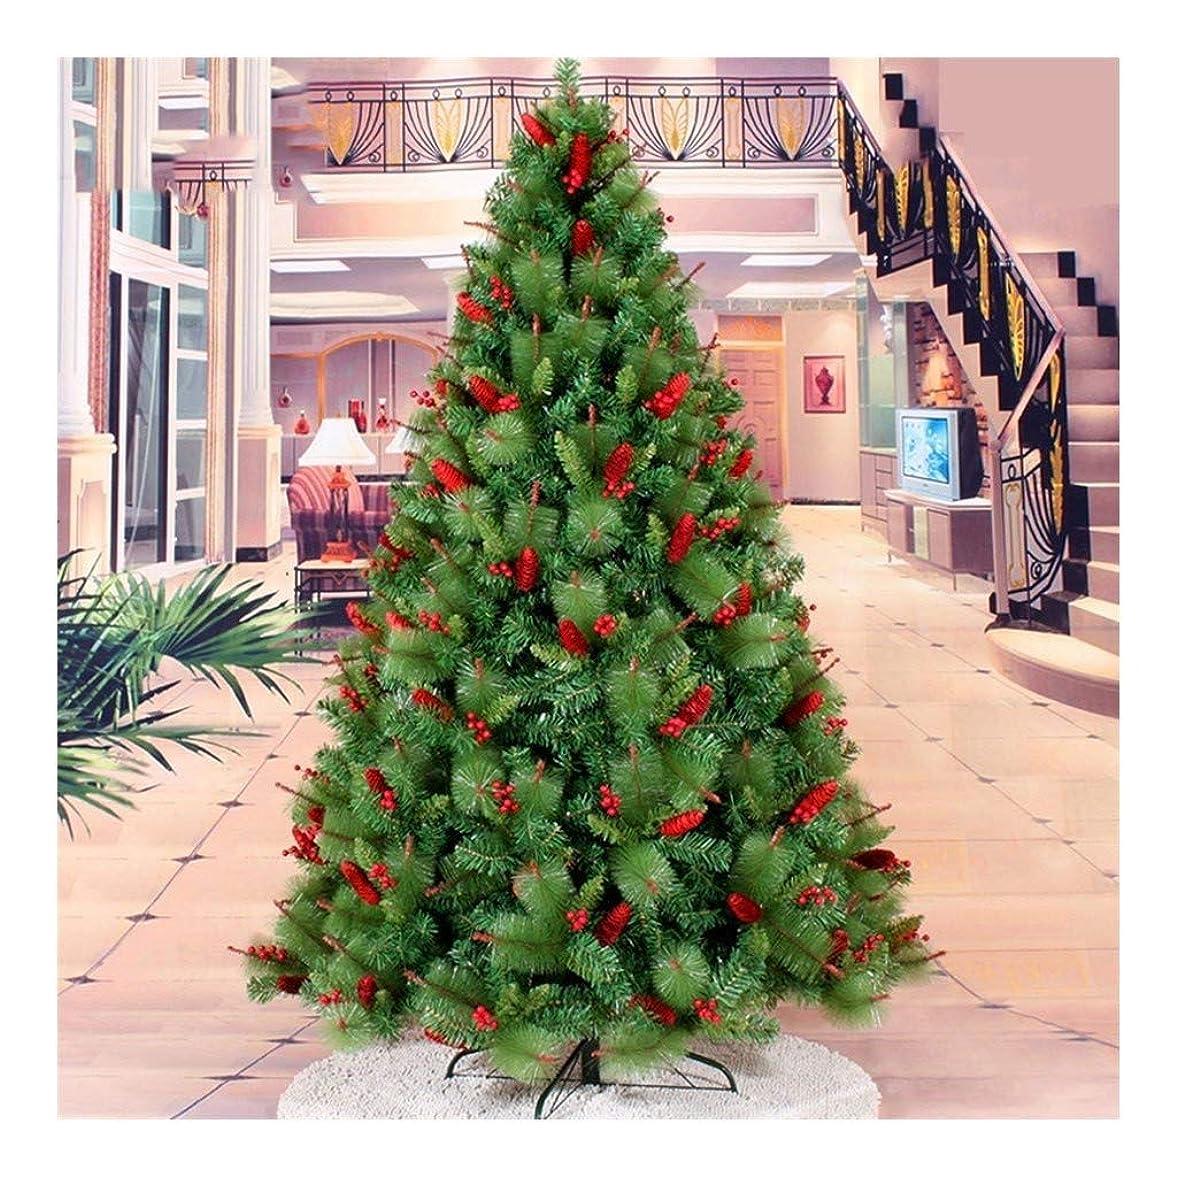 ほかにであるオートマトン松葉暗号レッドクリスマスツリー新年ホーム飾りレッドフルーツパインコーンミックスクリスマスデコレーション用品 (サイズ : 150cm)